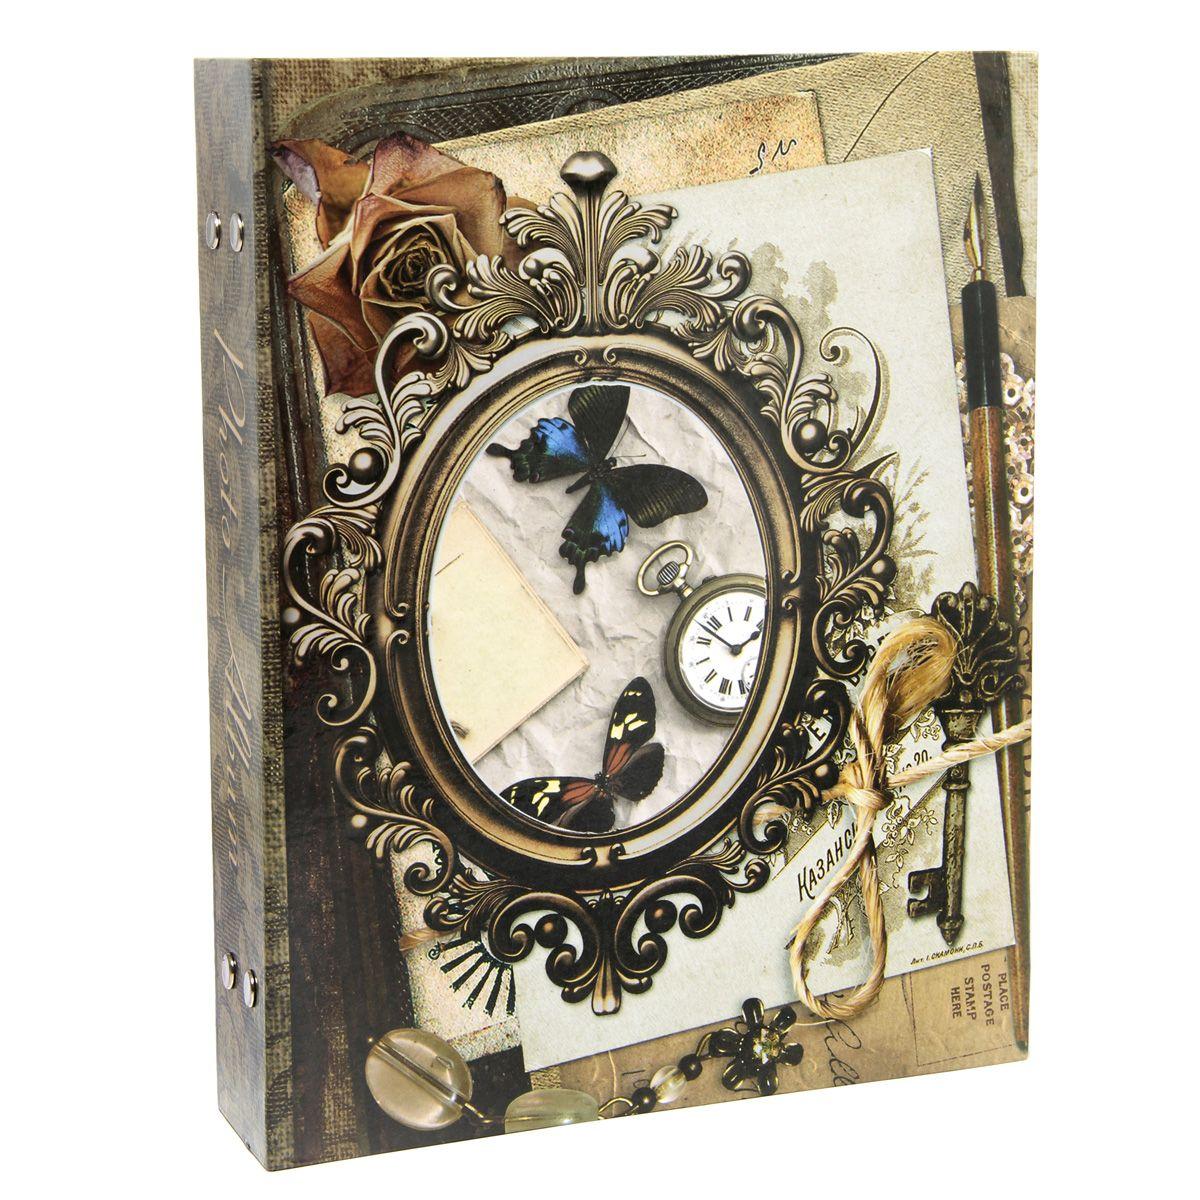 """Фотоальбом Pioneer """"Time To Remember"""" поможет красиво оформить ваши самые интересные фотографии. Обложка из толстого ламинированного картона оформлена оригинальным принтом. Фотоальбом рассчитан на 200 фотографий форматом 10 x 15 см. Внутри содержится блок из 50 листов с окошками из полипропилена, одна страница оформлена двумя окошками для фотографий. Такой необычный фотоальбом позволит легко заполнить страницы вашей истории, и с годами ничего не забудется. Тип обложки: картон. Тип листов: полипропиленовые. Тип переплета: высокочастотная сварка.  Материалы, использованные в изготовлении альбома, обеспечивают высокое качество хранения ваших фотографий, поэтому фотографии не желтеют со временем."""